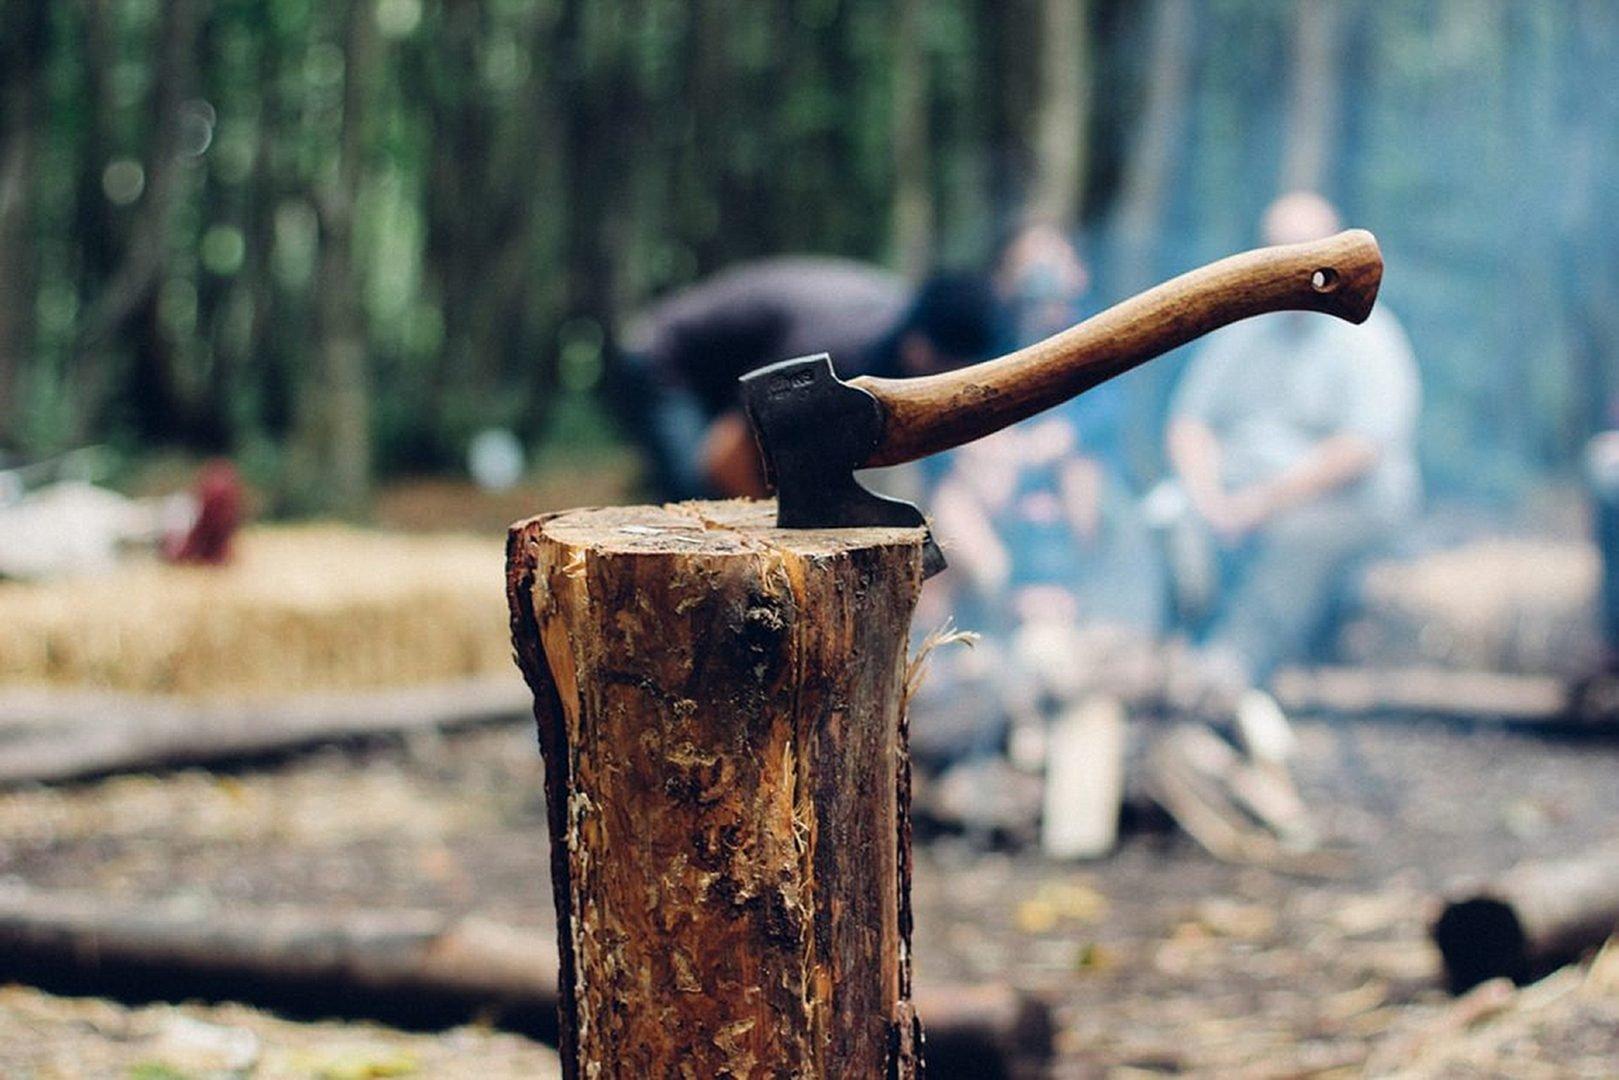 Hatchet in the woods, wooden handle